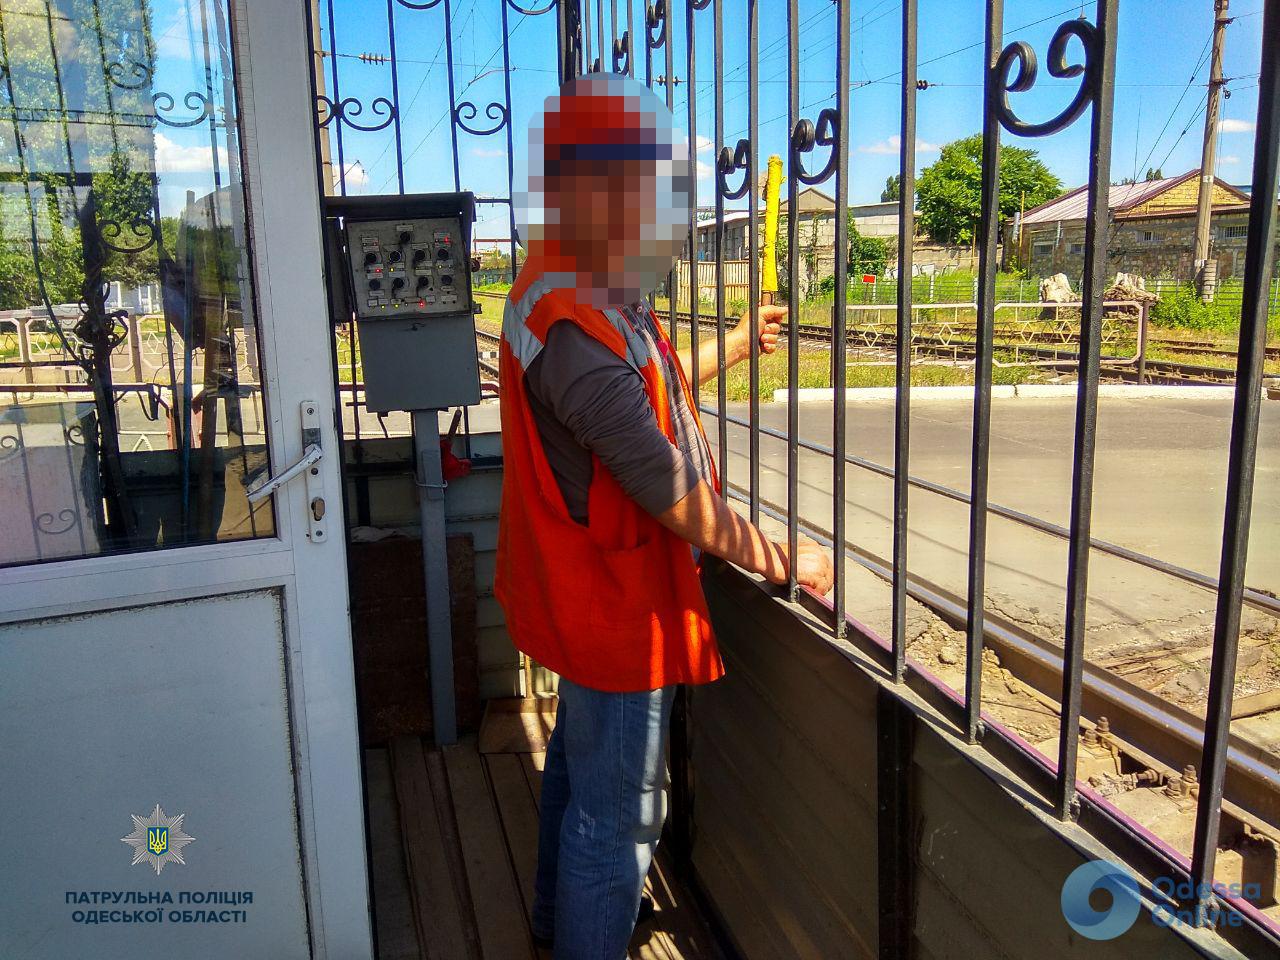 Одесские патрульные «навестили» пьяного дежурного на железнодорожном переезде